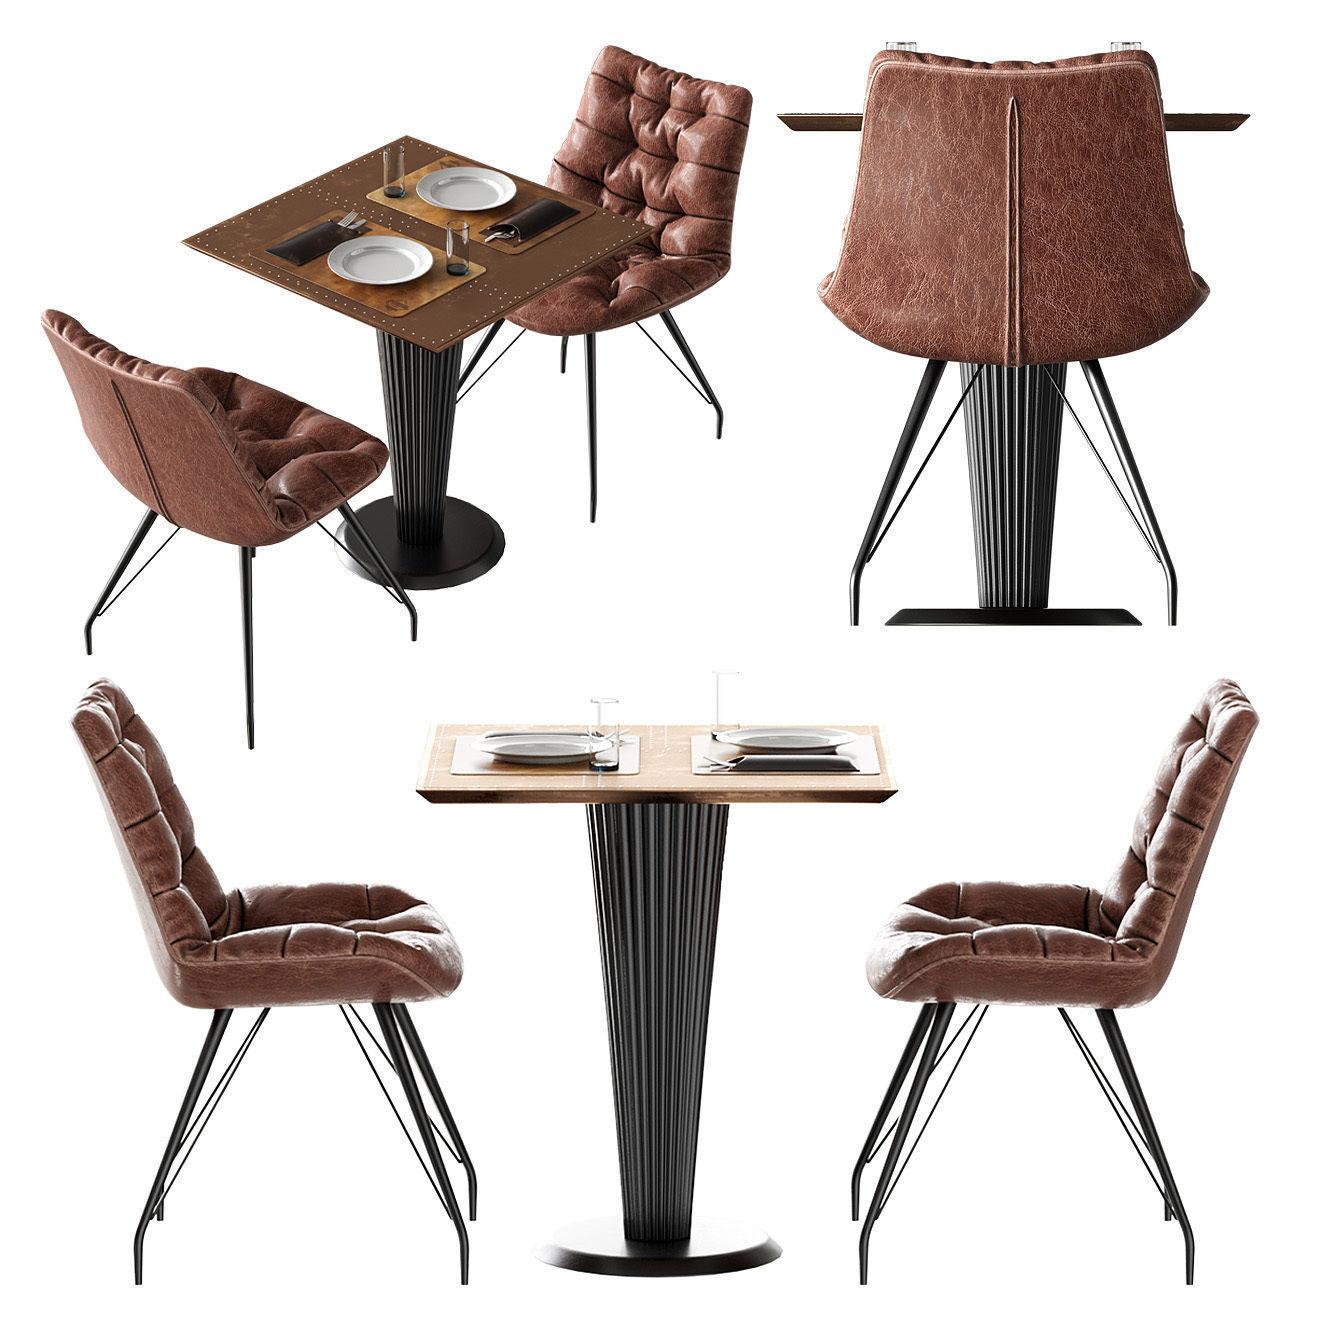 Chair Rowan Brown By Richmond Table Mesa Logan Roble By Brucs 3d Model Max  Obj Mtl ...